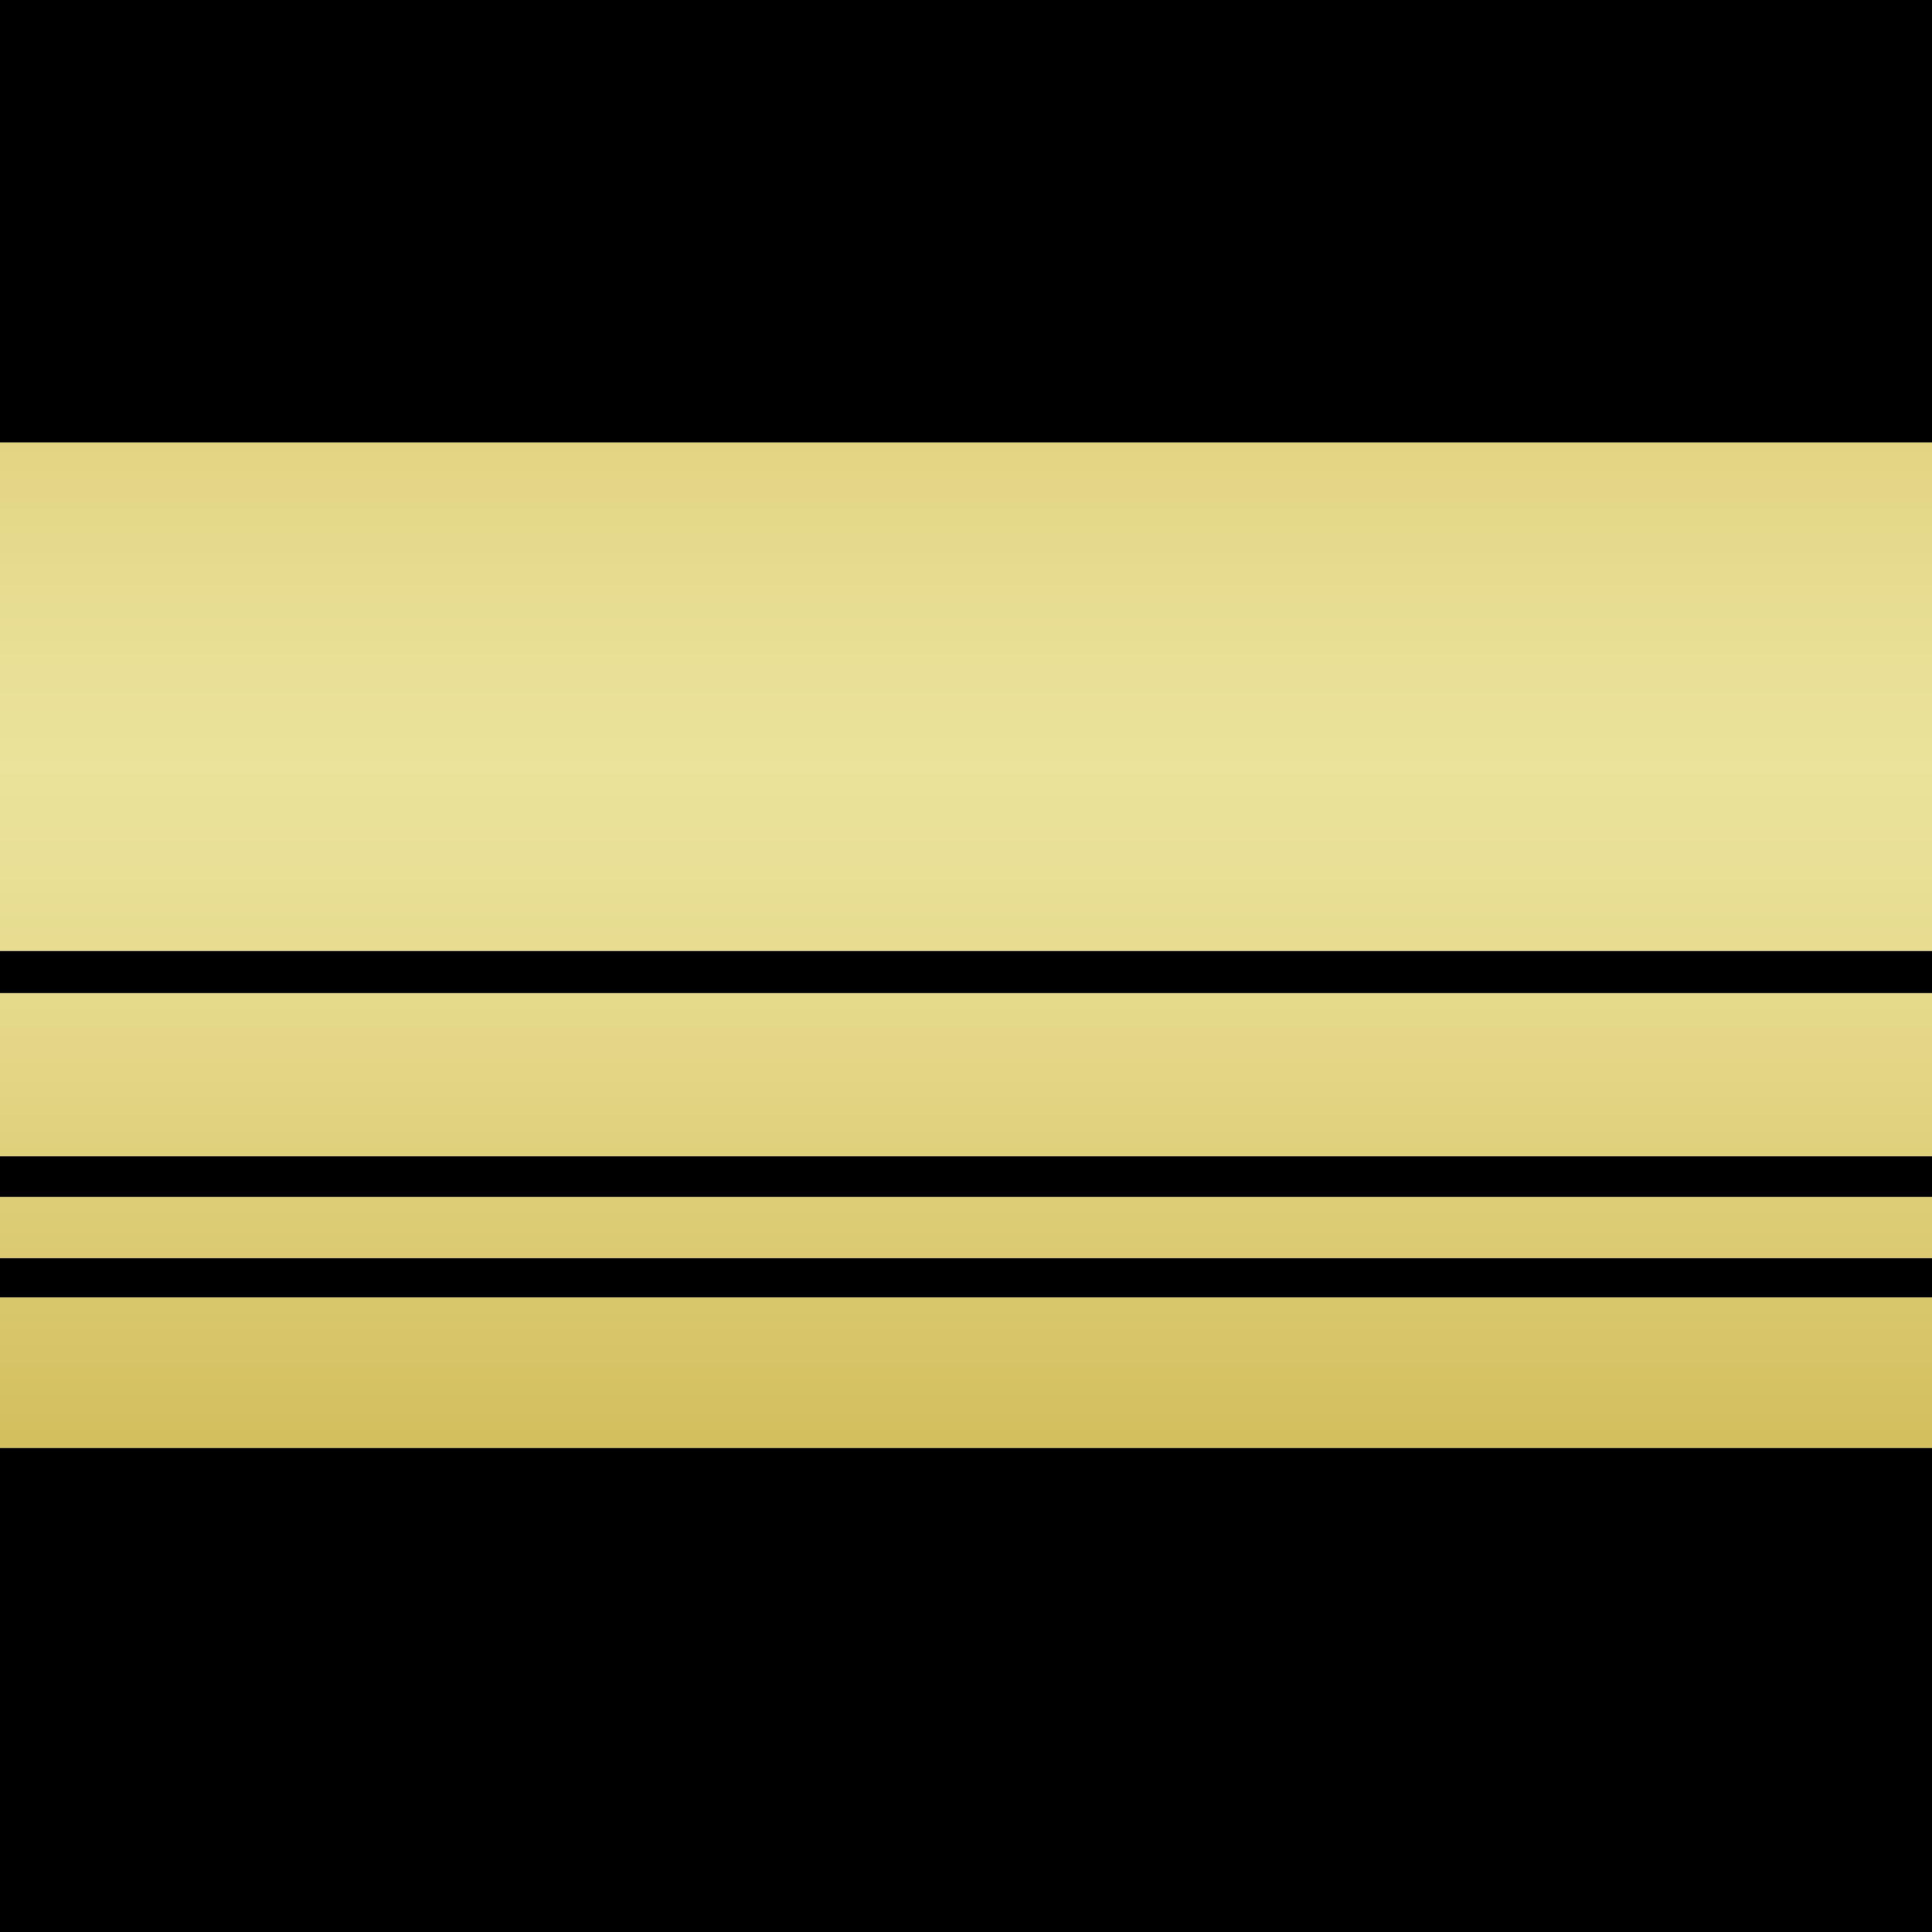 Luxury Brand Logo Design - GraphicsFamily